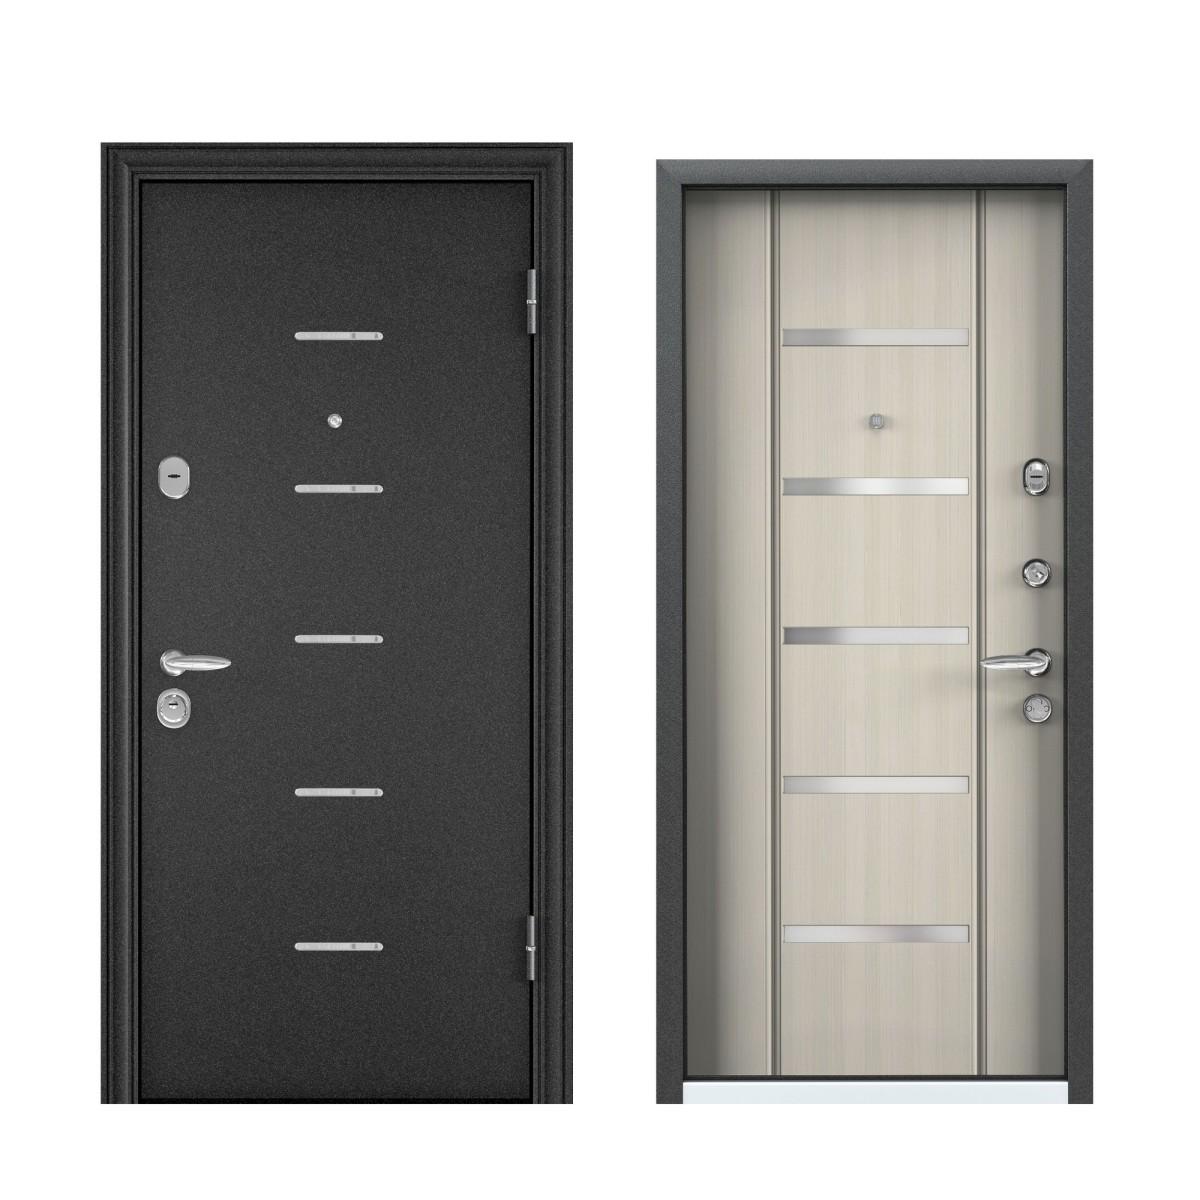 дверь входная металлическая купить в леруа мерлен